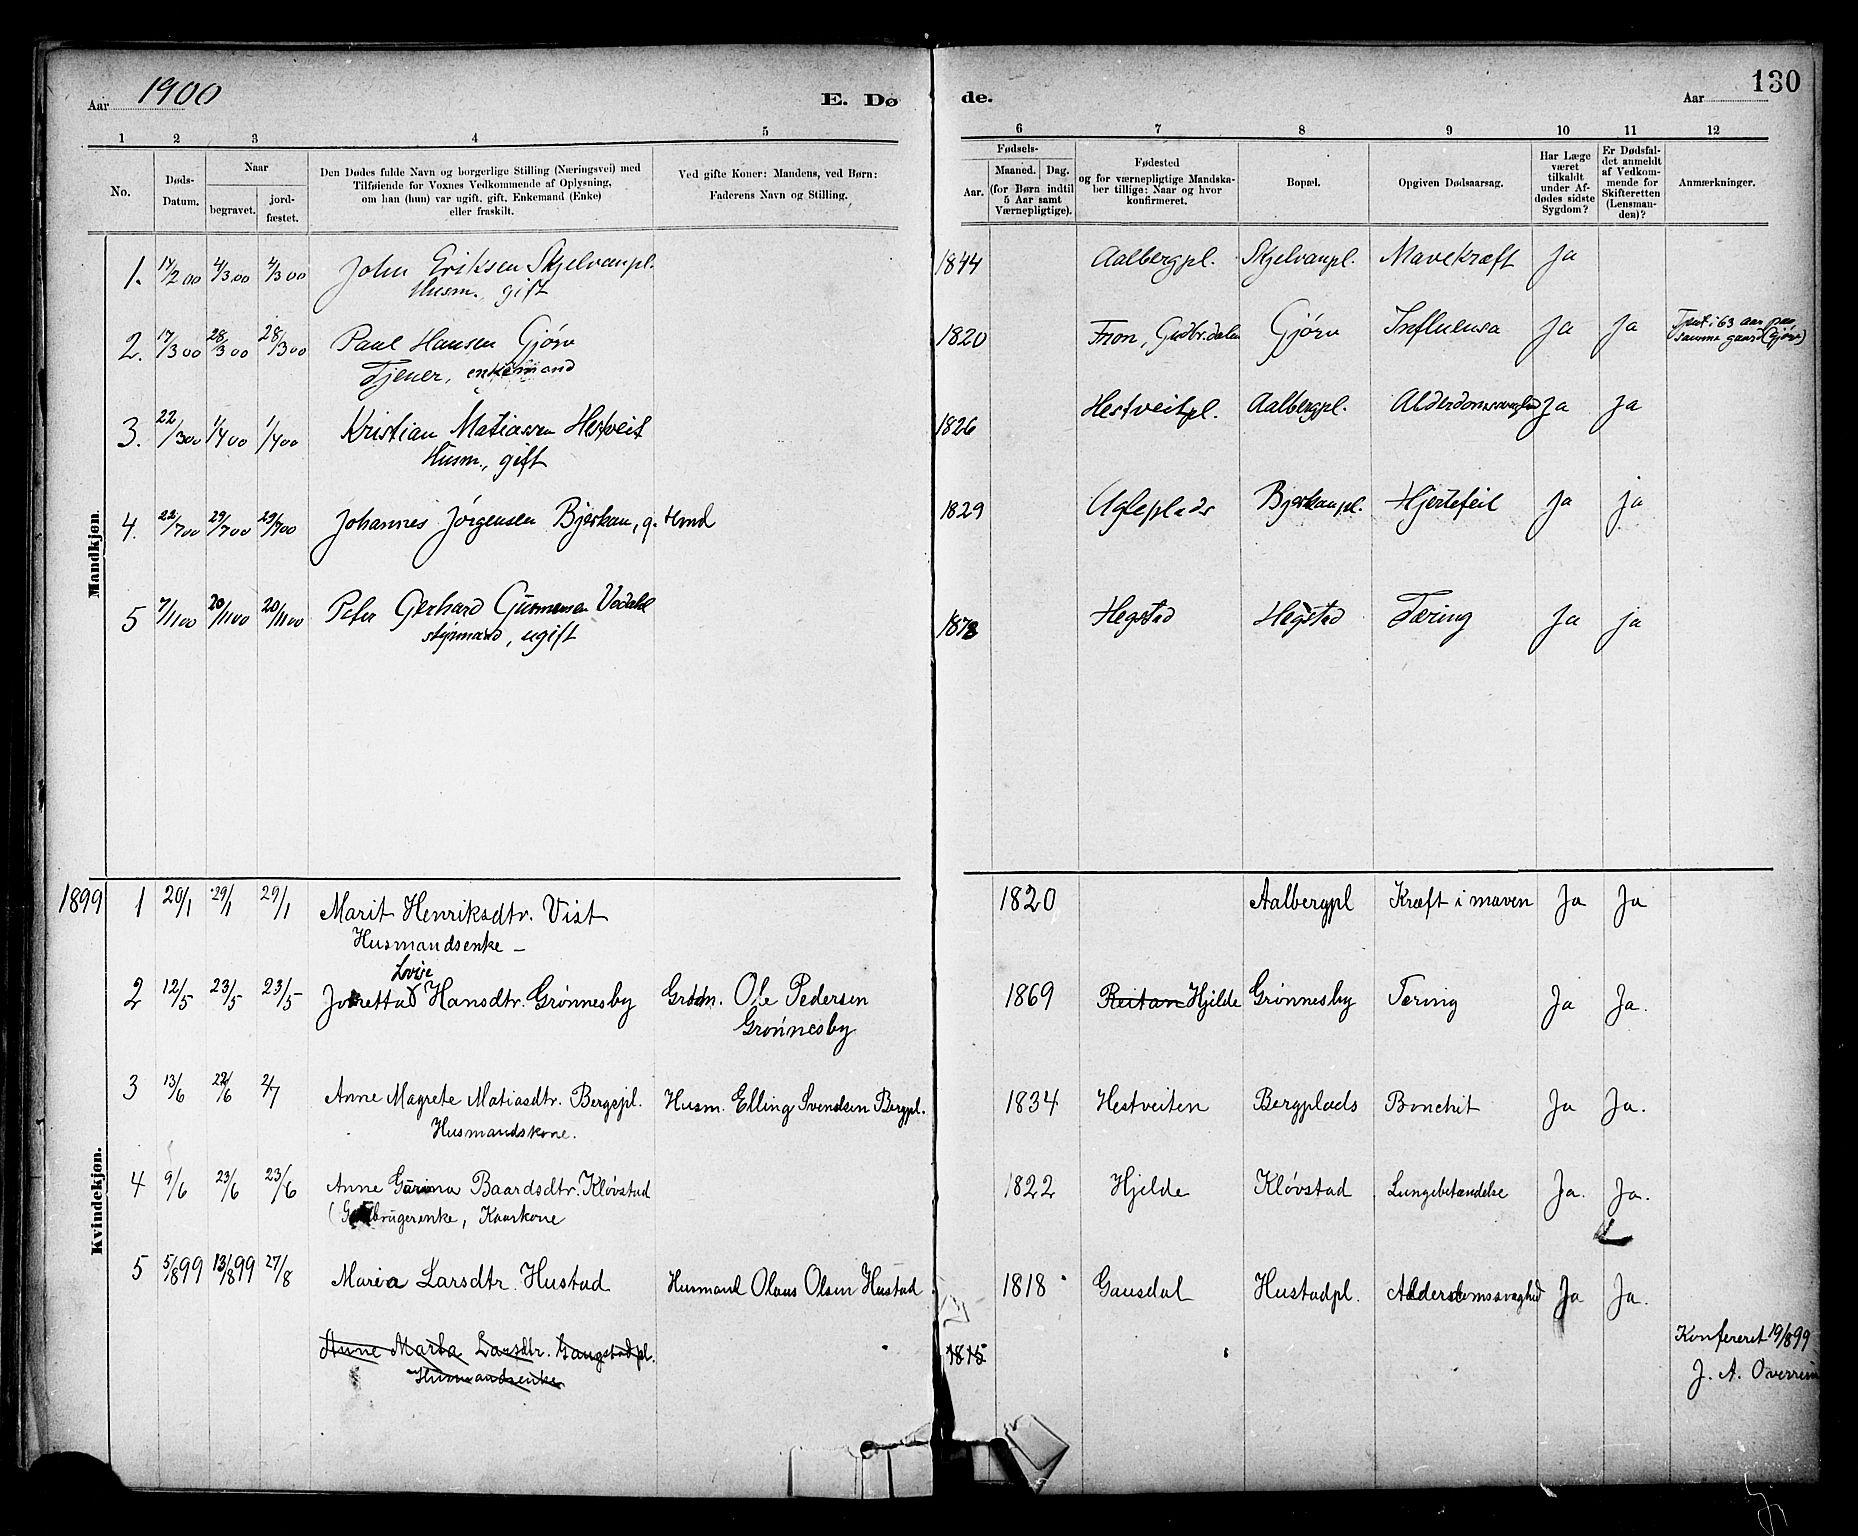 SAT, Ministerialprotokoller, klokkerbøker og fødselsregistre - Nord-Trøndelag, 732/L0318: Klokkerbok nr. 732C02, 1881-1911, s. 130